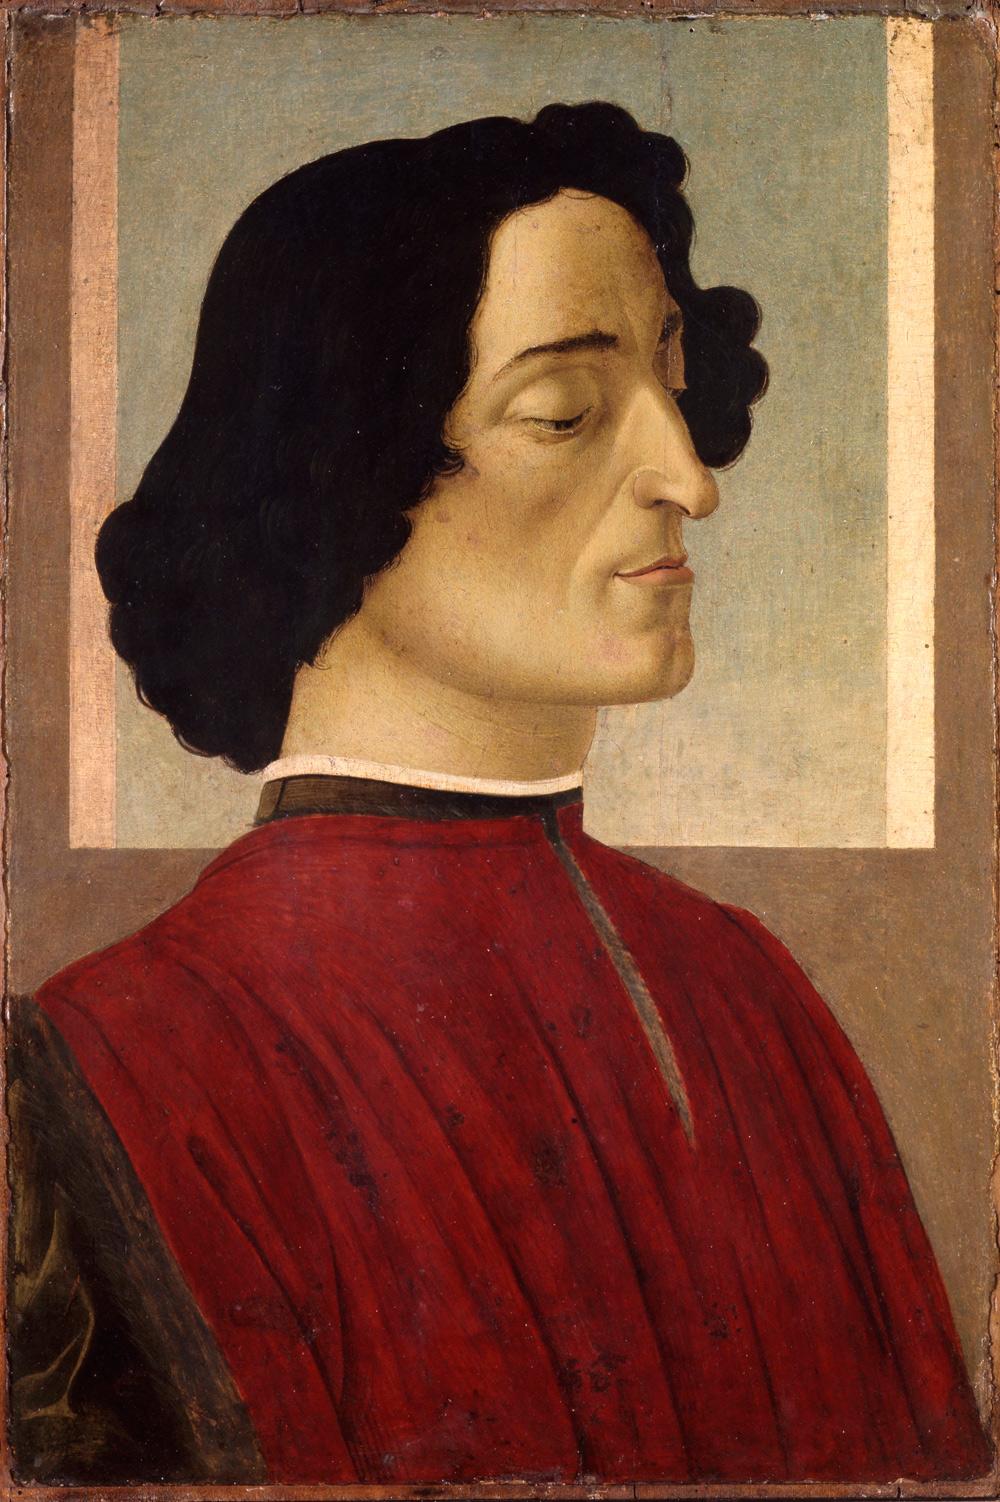 Sandro Botticelli, Ritratto di Giuliano de' Medici (1478 circa; tempera su tavola, 54 x 36 cm; Bergamo, Accademia Carrara)